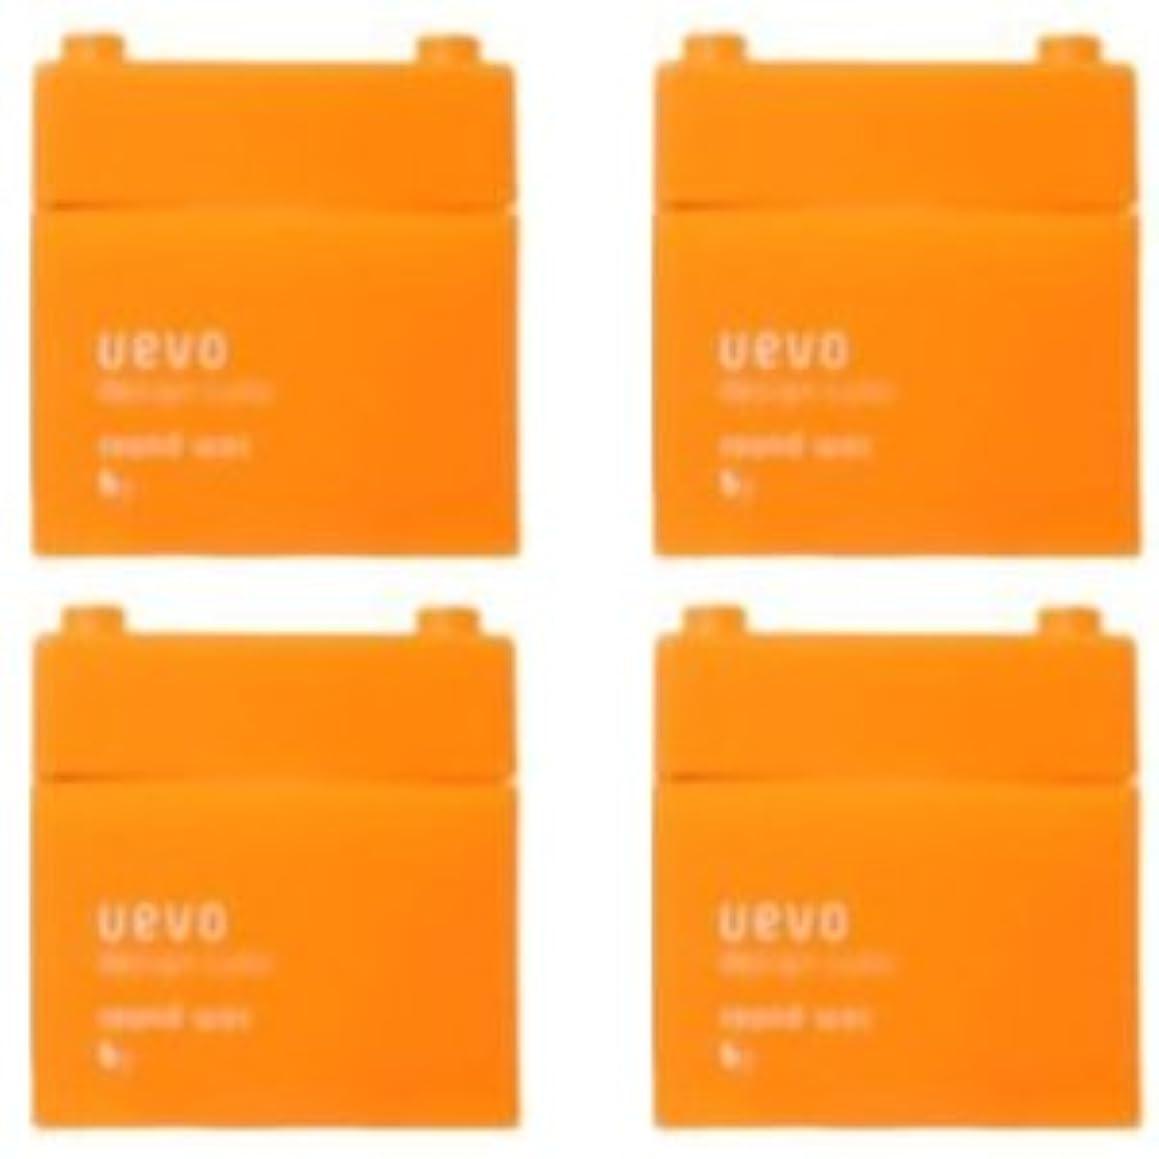 フィードオン実行可能ページ【X4個セット】 デミ ウェーボ デザインキューブ ラウンドワックス 80g round wax DEMI uevo design cube